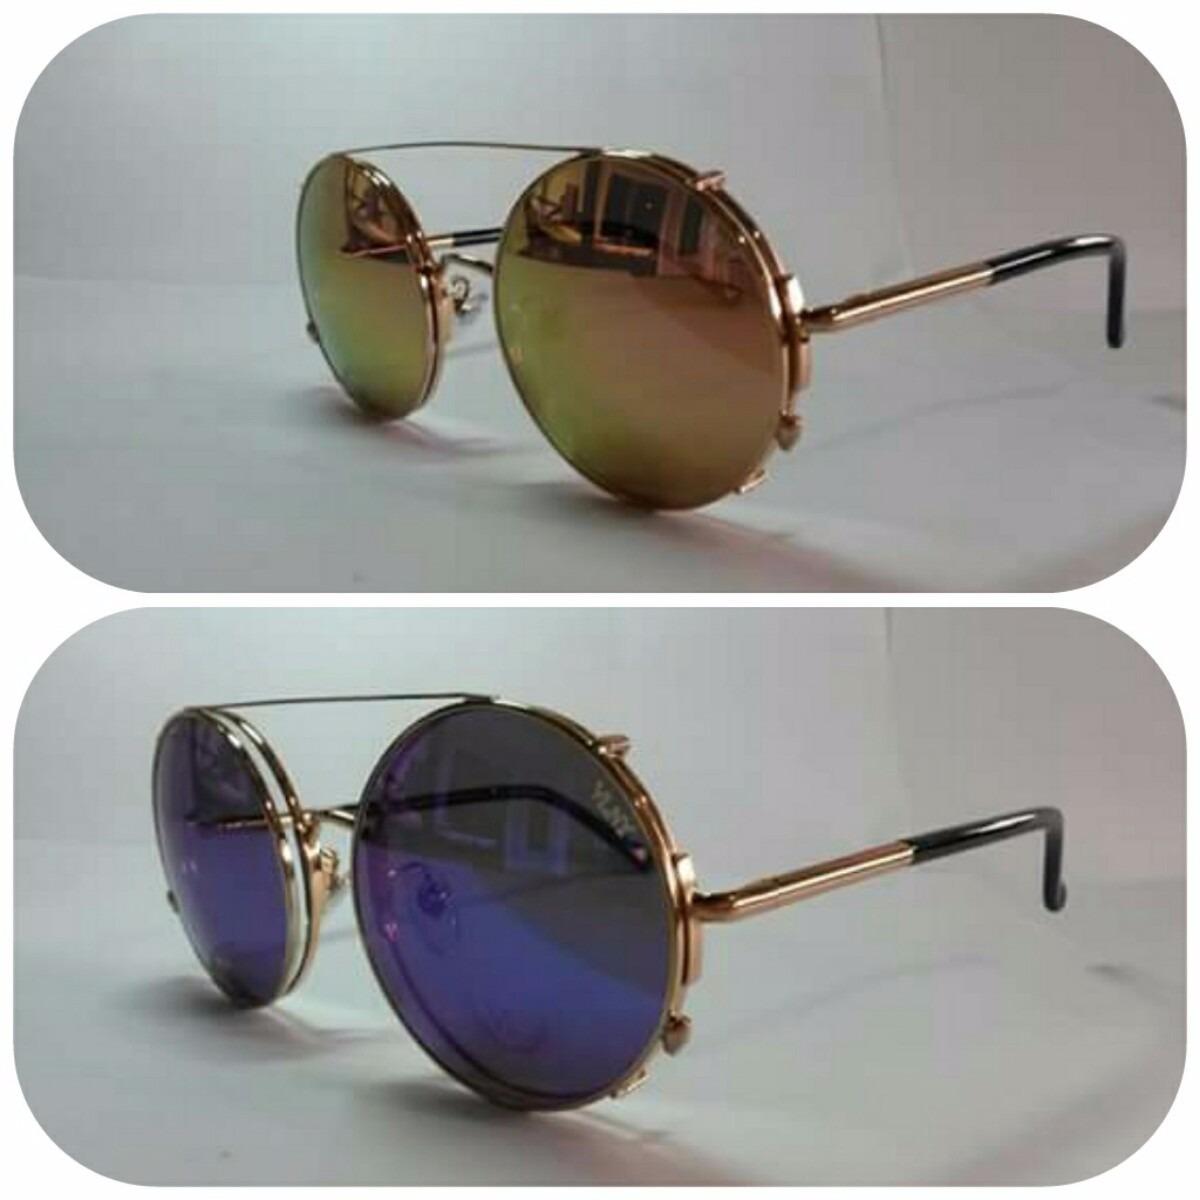 7bc8ee3d8 Oculos De Sol Via Lorran Vl4054 - R$ 430,00 em Mercado Livre